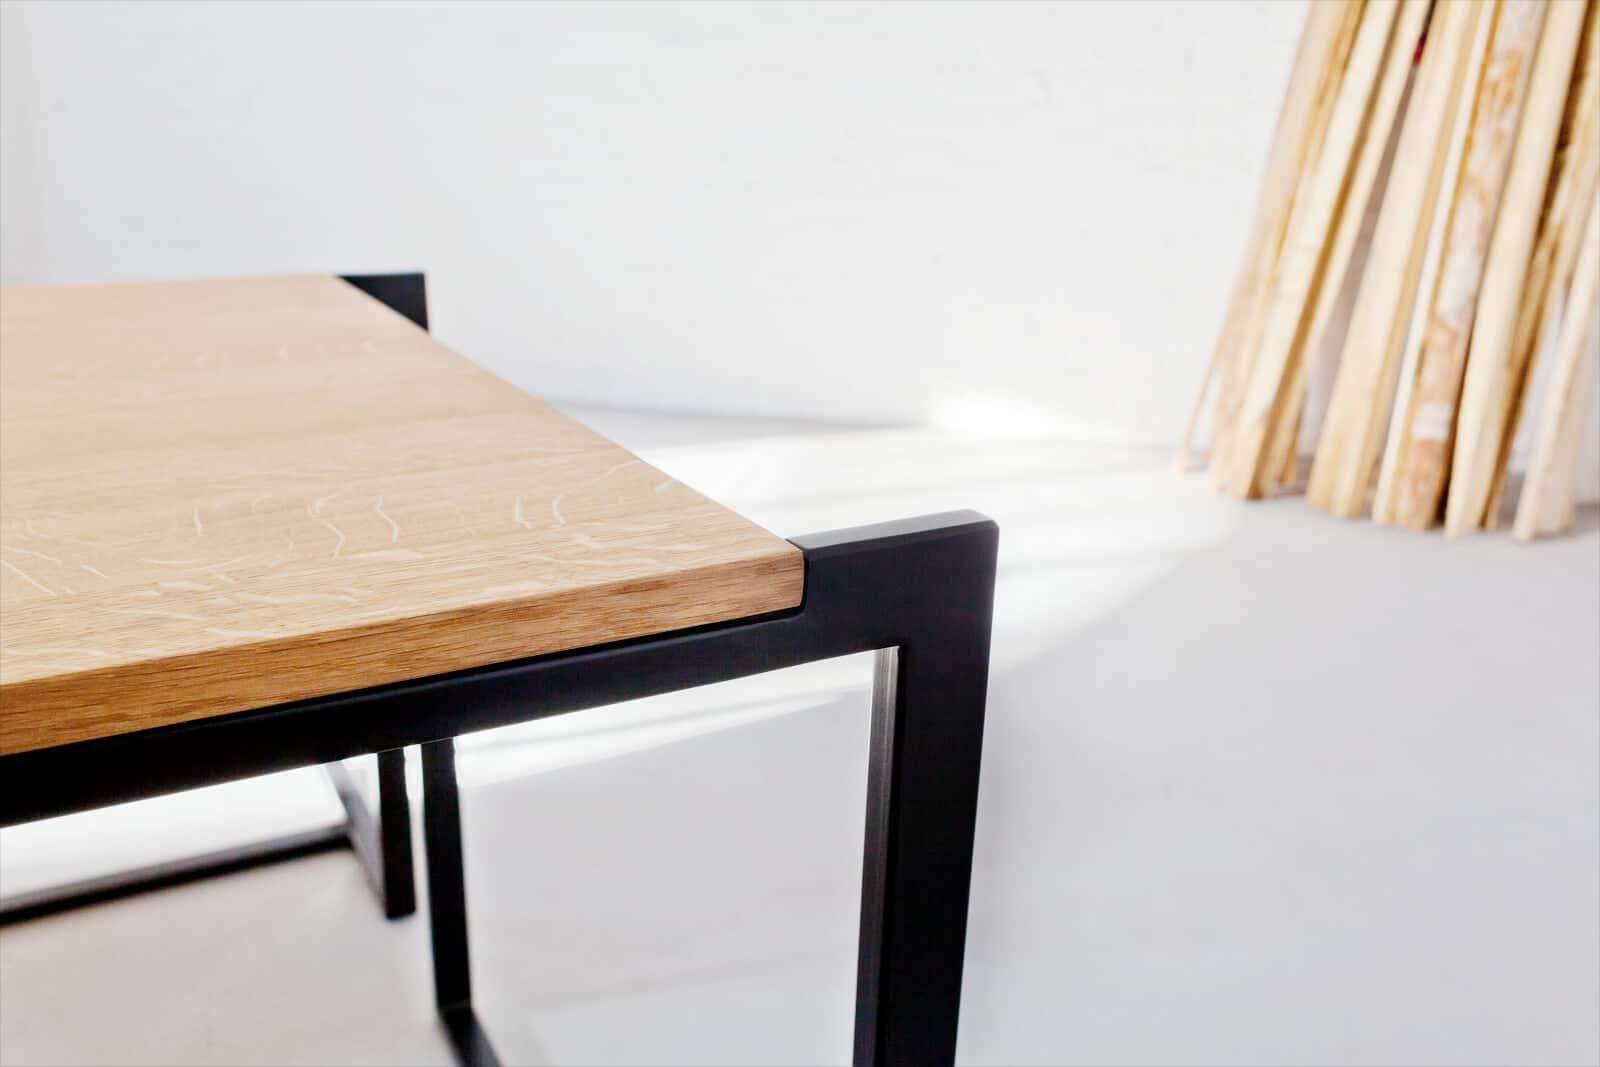 N51e12 T19 2 Massivholztisch Eiche Esstisch Holz Konferenztisch Designer Designtisch Img 0040 N51e12 Design Manufacture